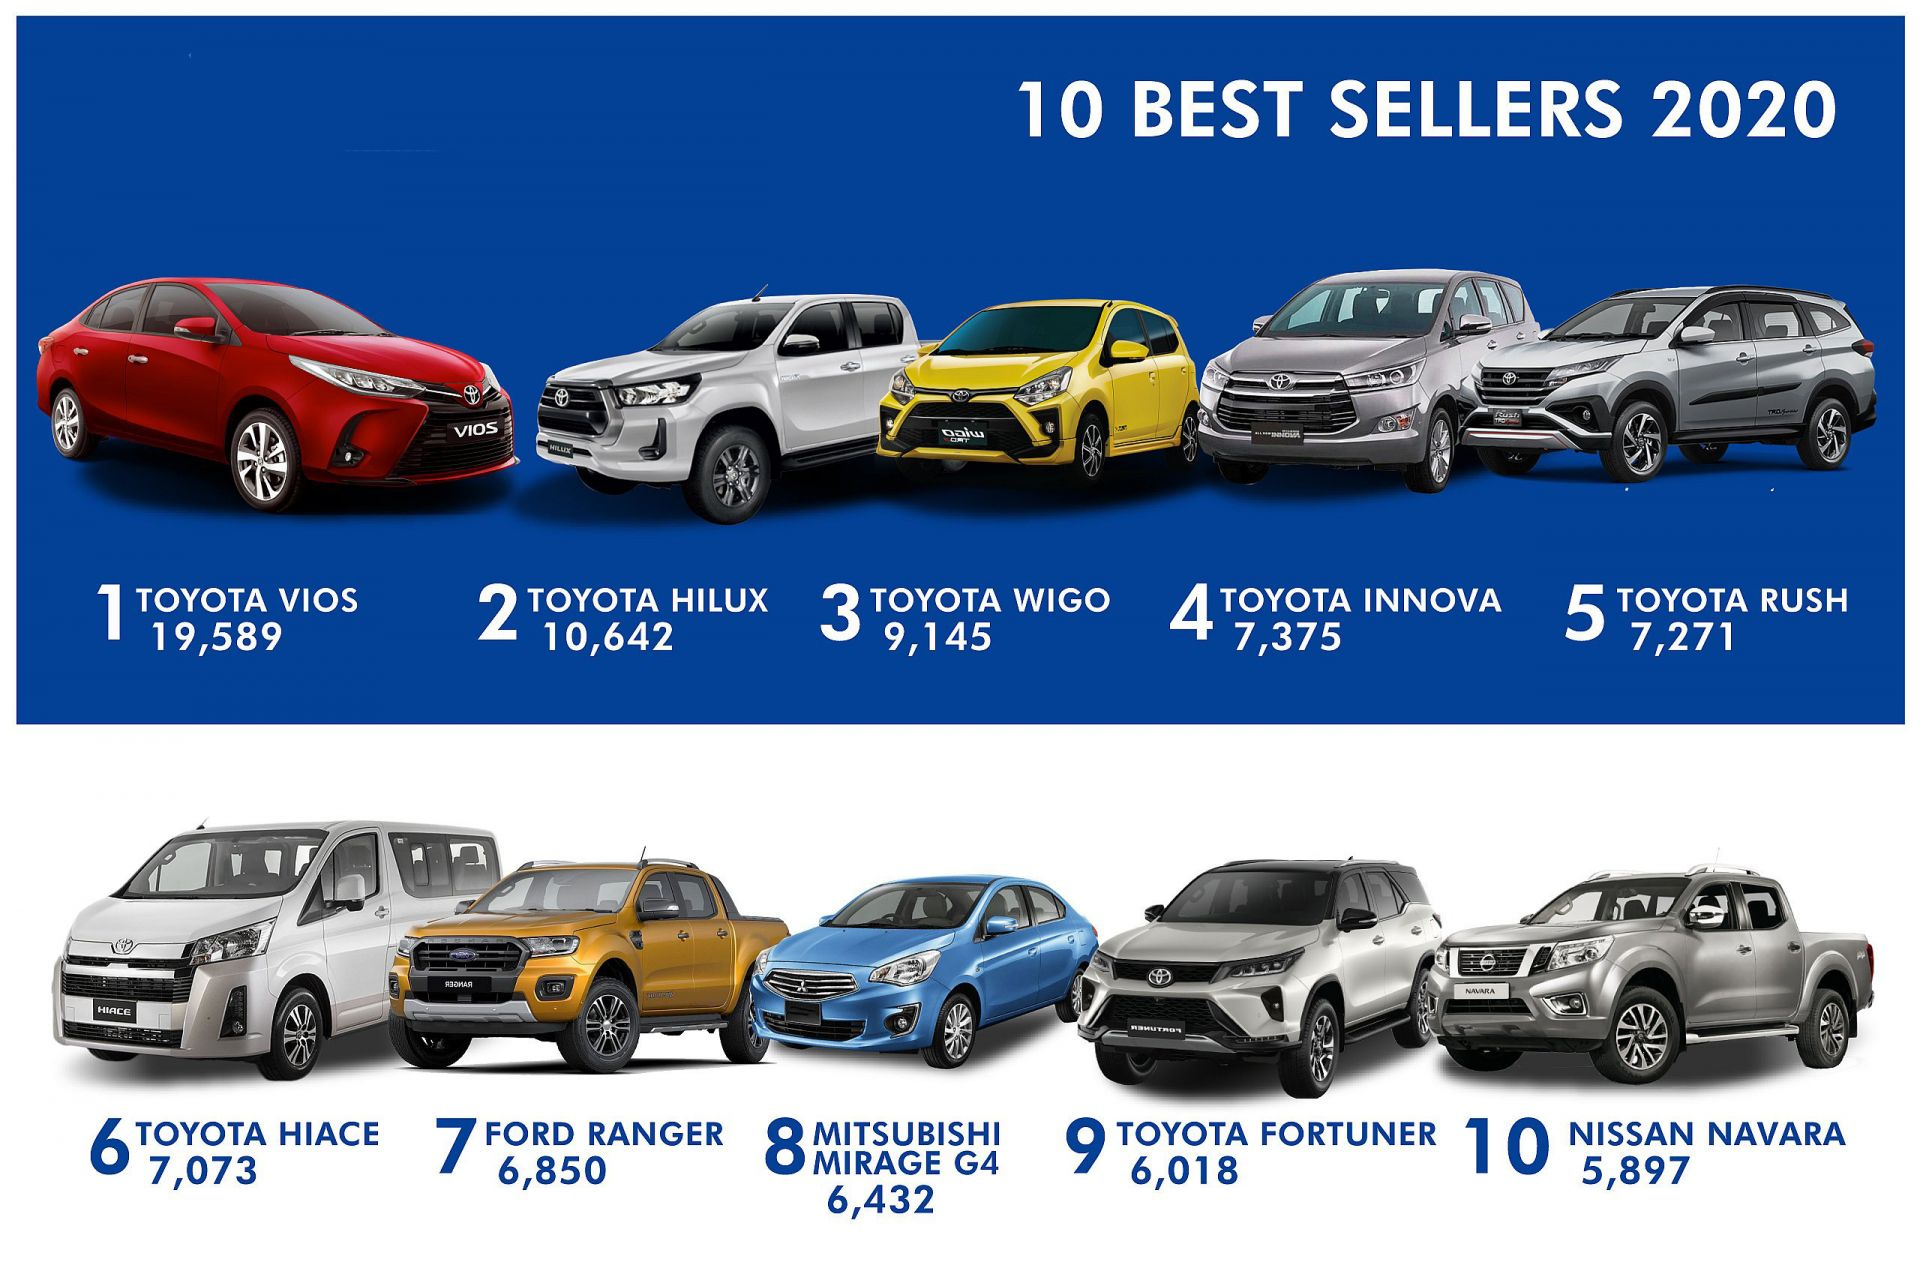 Top 10 xe bán chạy nhất Philippines năm 2020: 6 vị trí đầu đều là xe Toyota